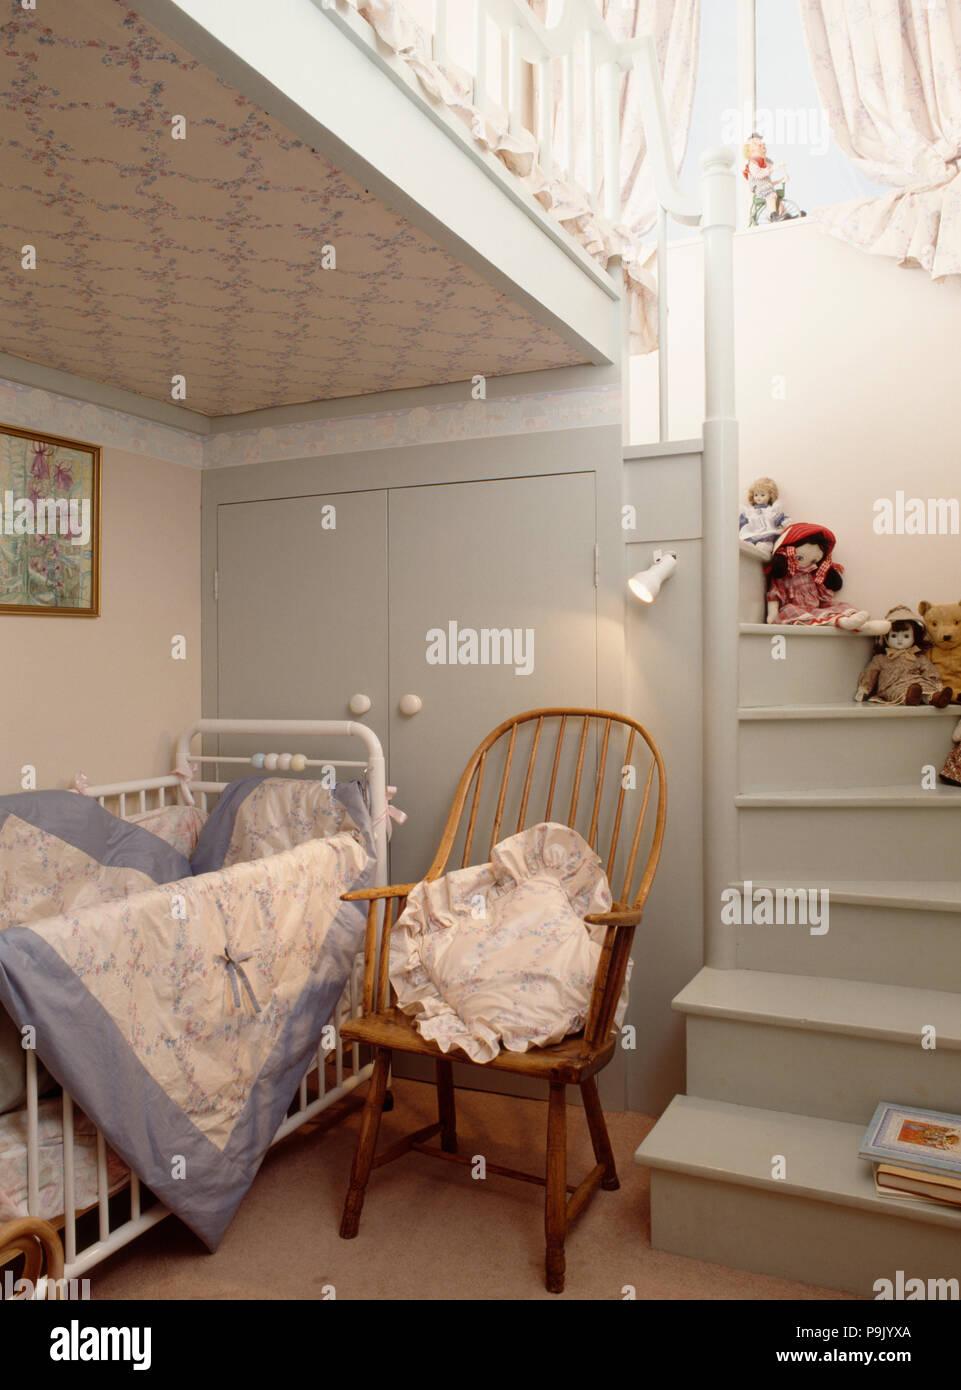 Windsor Chaise A Cote De Blanc Lit Bebe Dans La Chambre De L Enfant